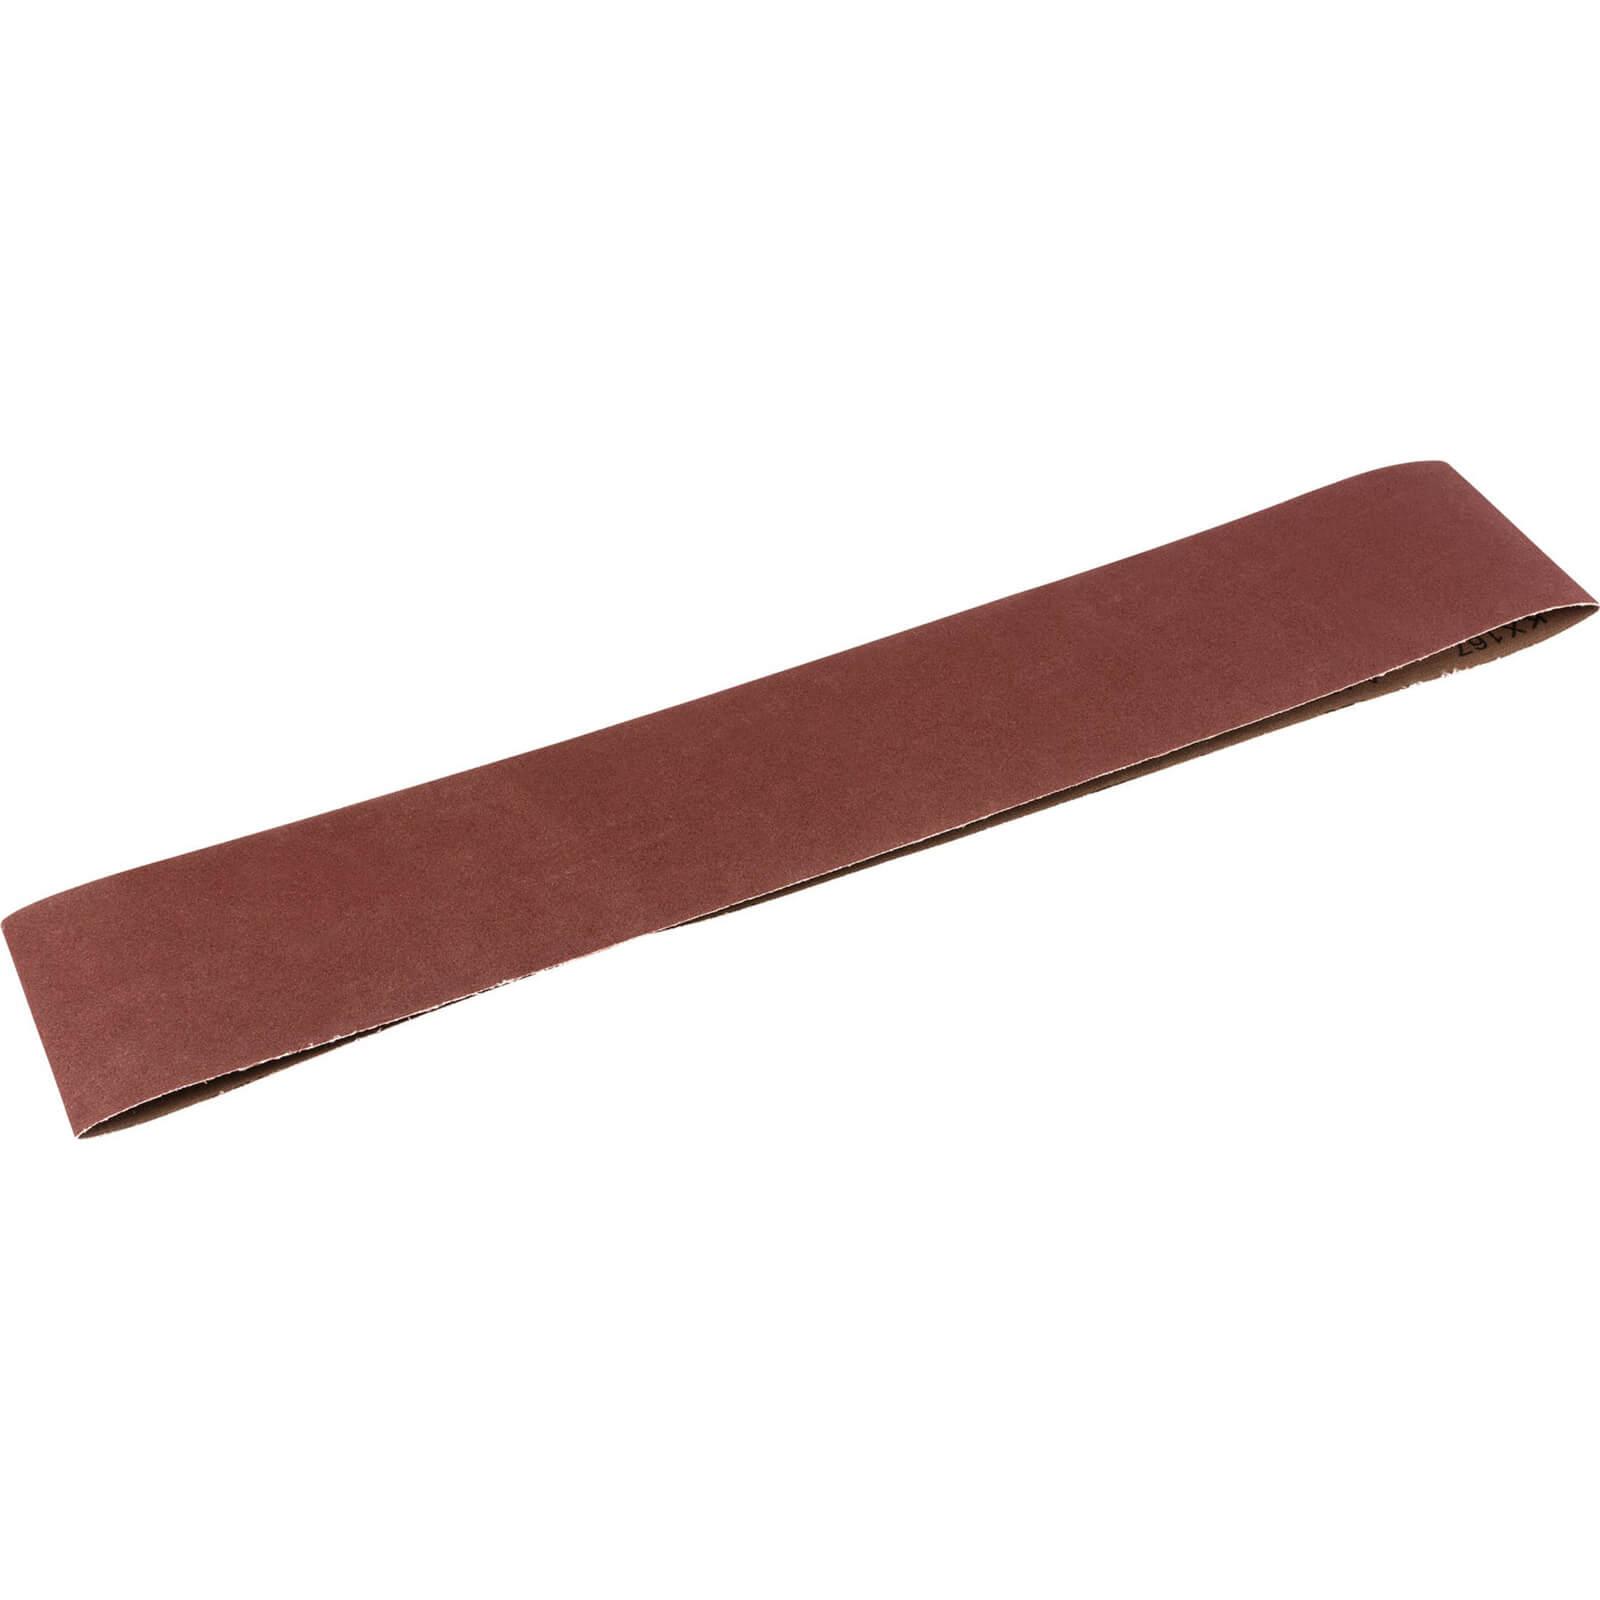 Image of Draper 100mm X 1220mm Sanding Belt 100mm x 1220mm 120g Pack of 1